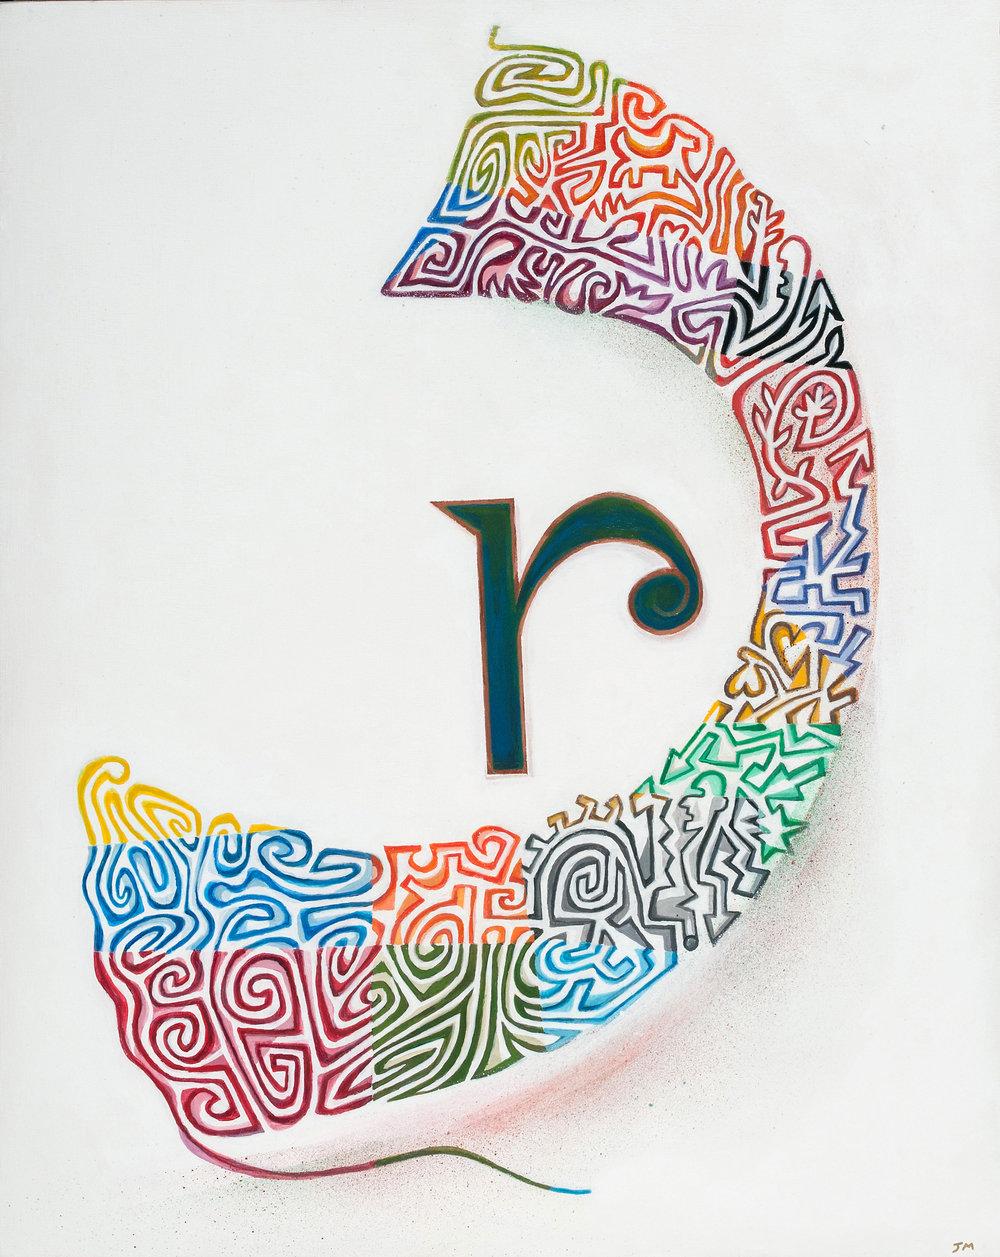 Joel Moskowitz,  Arabic  Raa , with R , Acrylic on wood panel, 20x16